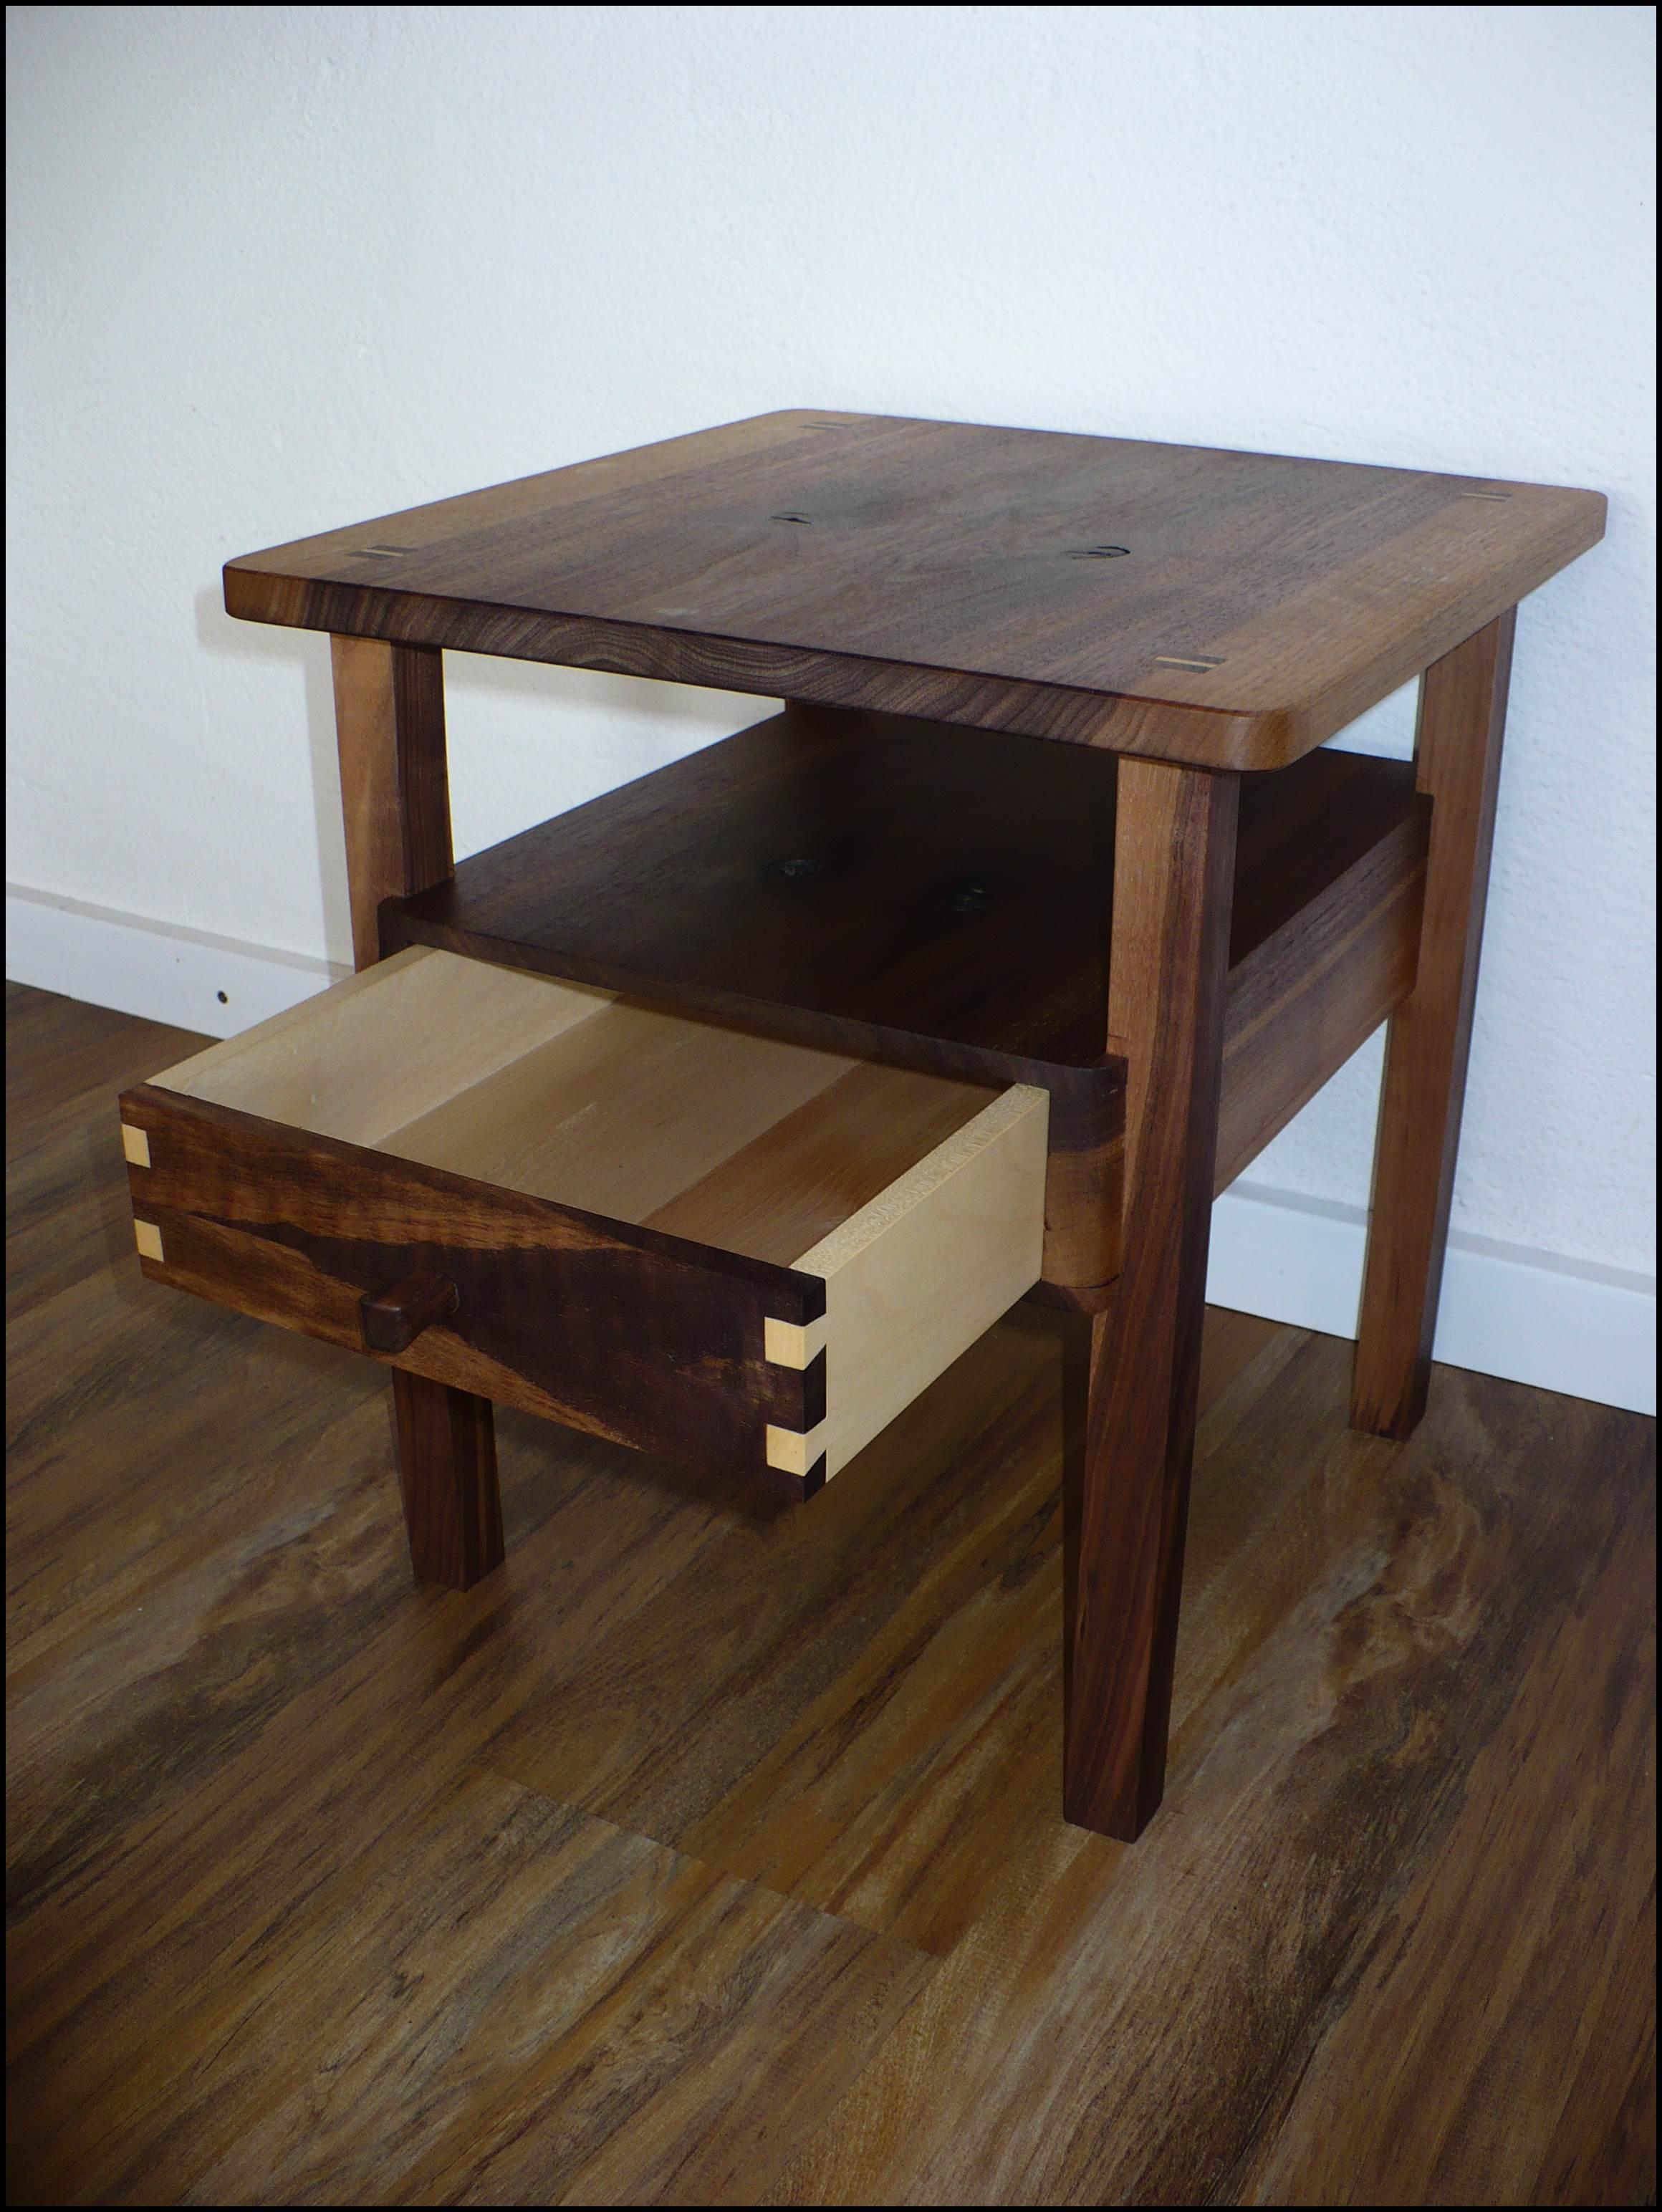 beistelltisch nussbaum 008 auf dem holzweg unterwegs. Black Bedroom Furniture Sets. Home Design Ideas